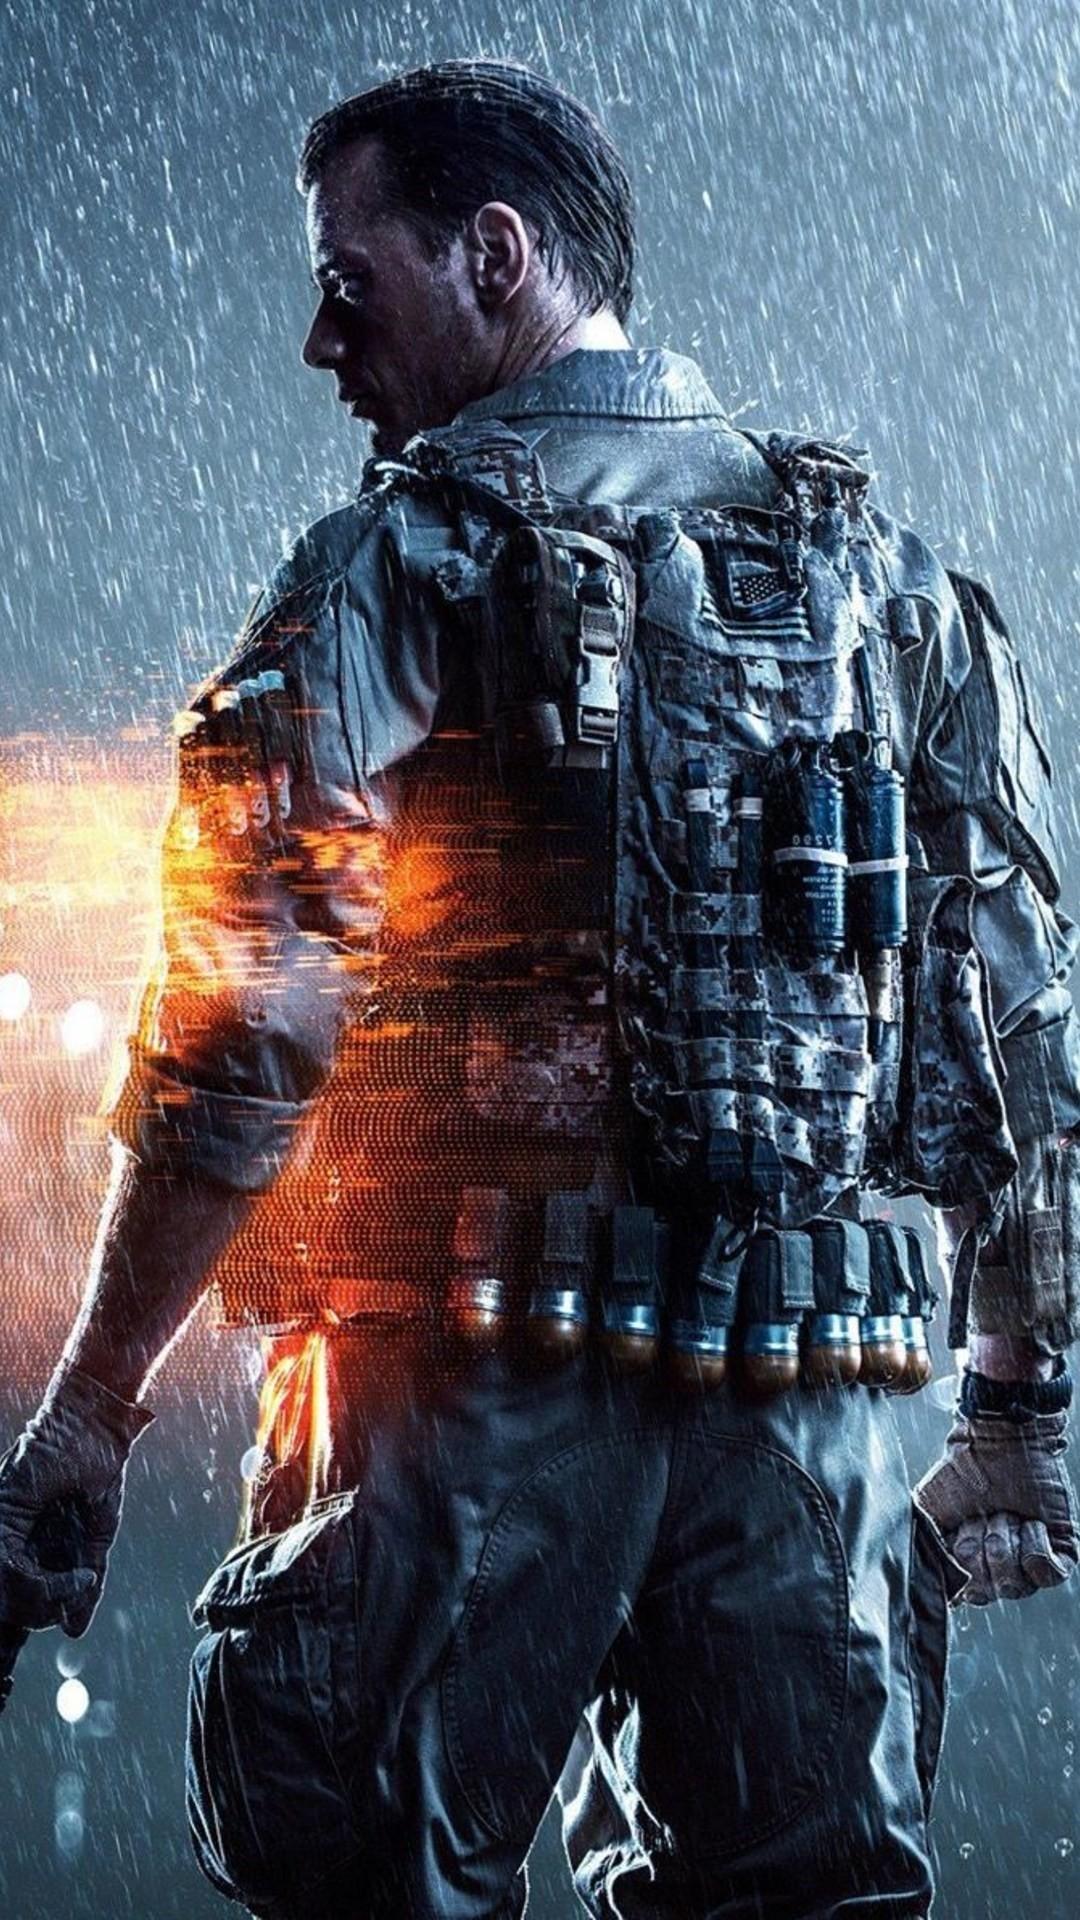 Gaming screensaver wallpaper